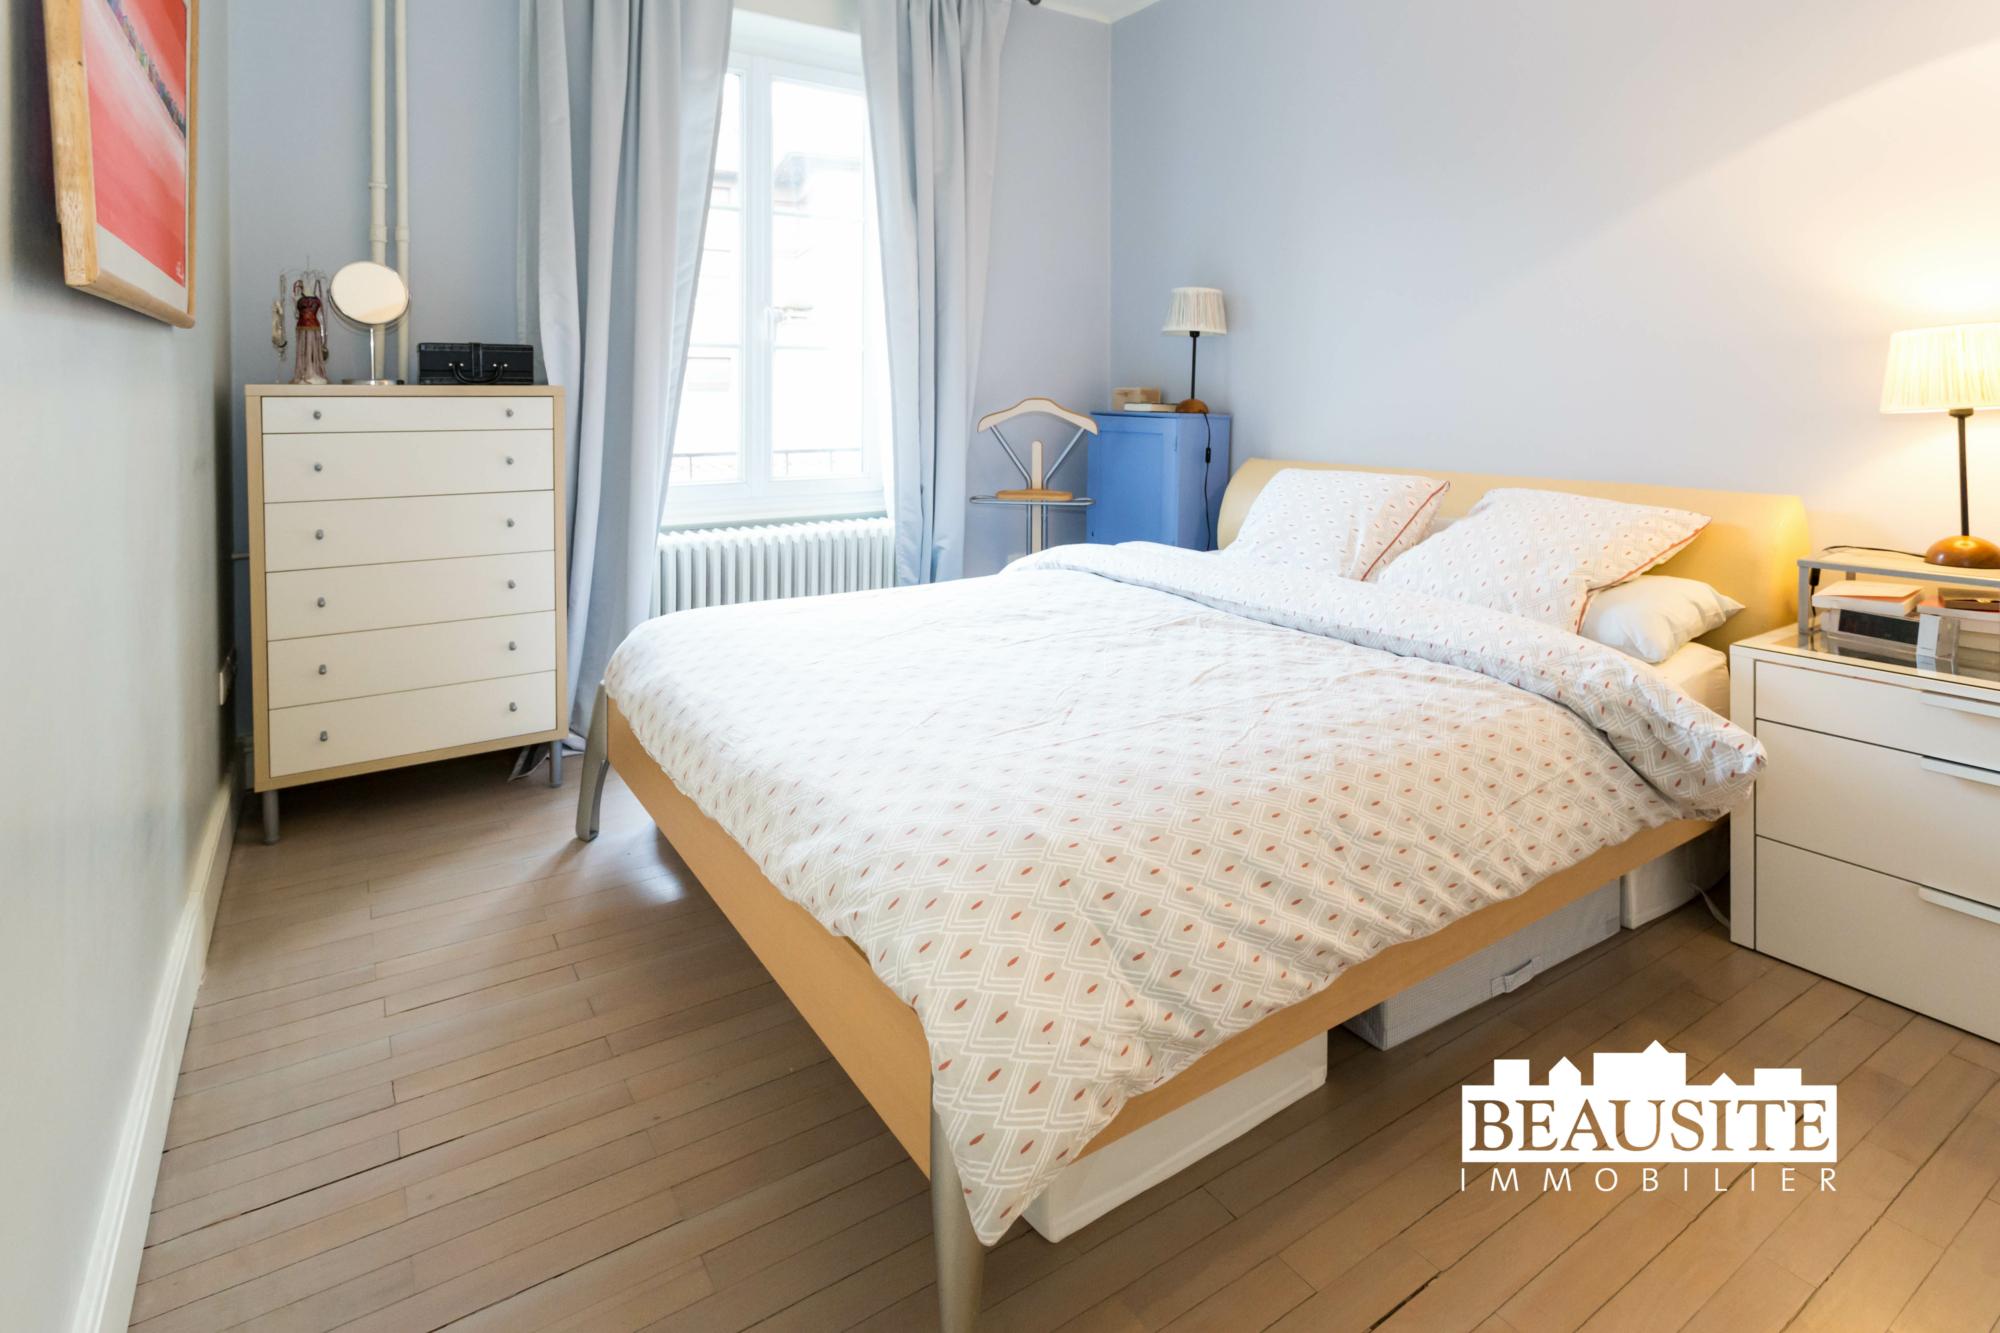 [La bulle] Un appartement cosy au cœur de Strasbourg - Halles / rue du Marché - nos ventes - Beausite Immobilier 9